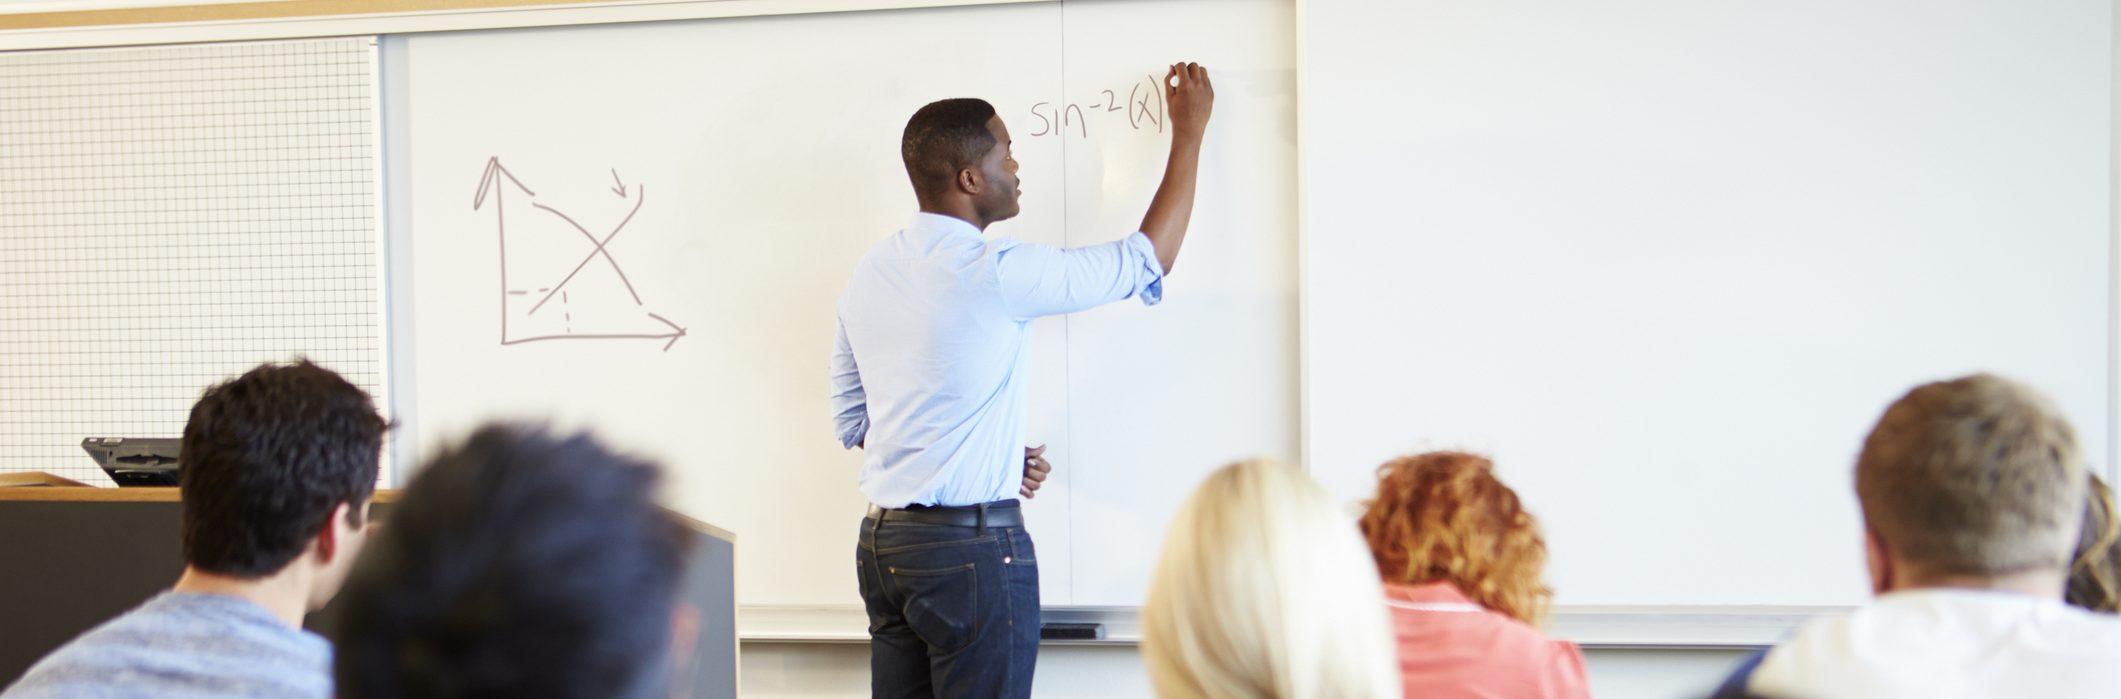 Graduate Student Teaching a Class